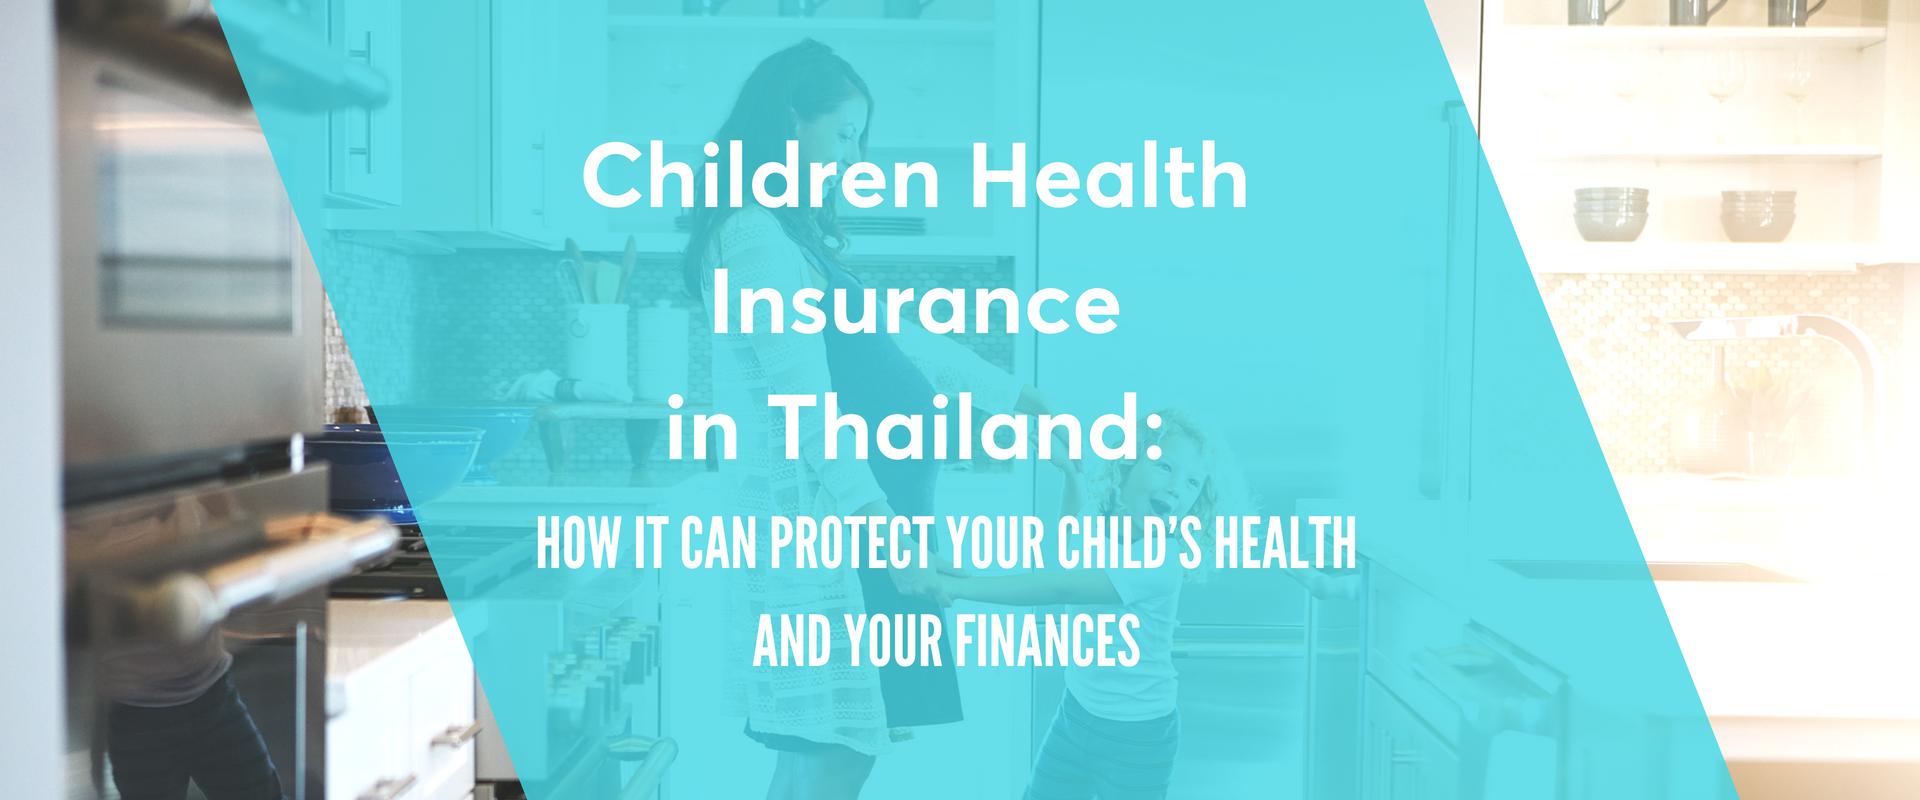 Children Health Insurance in Thailand - Banner (1)